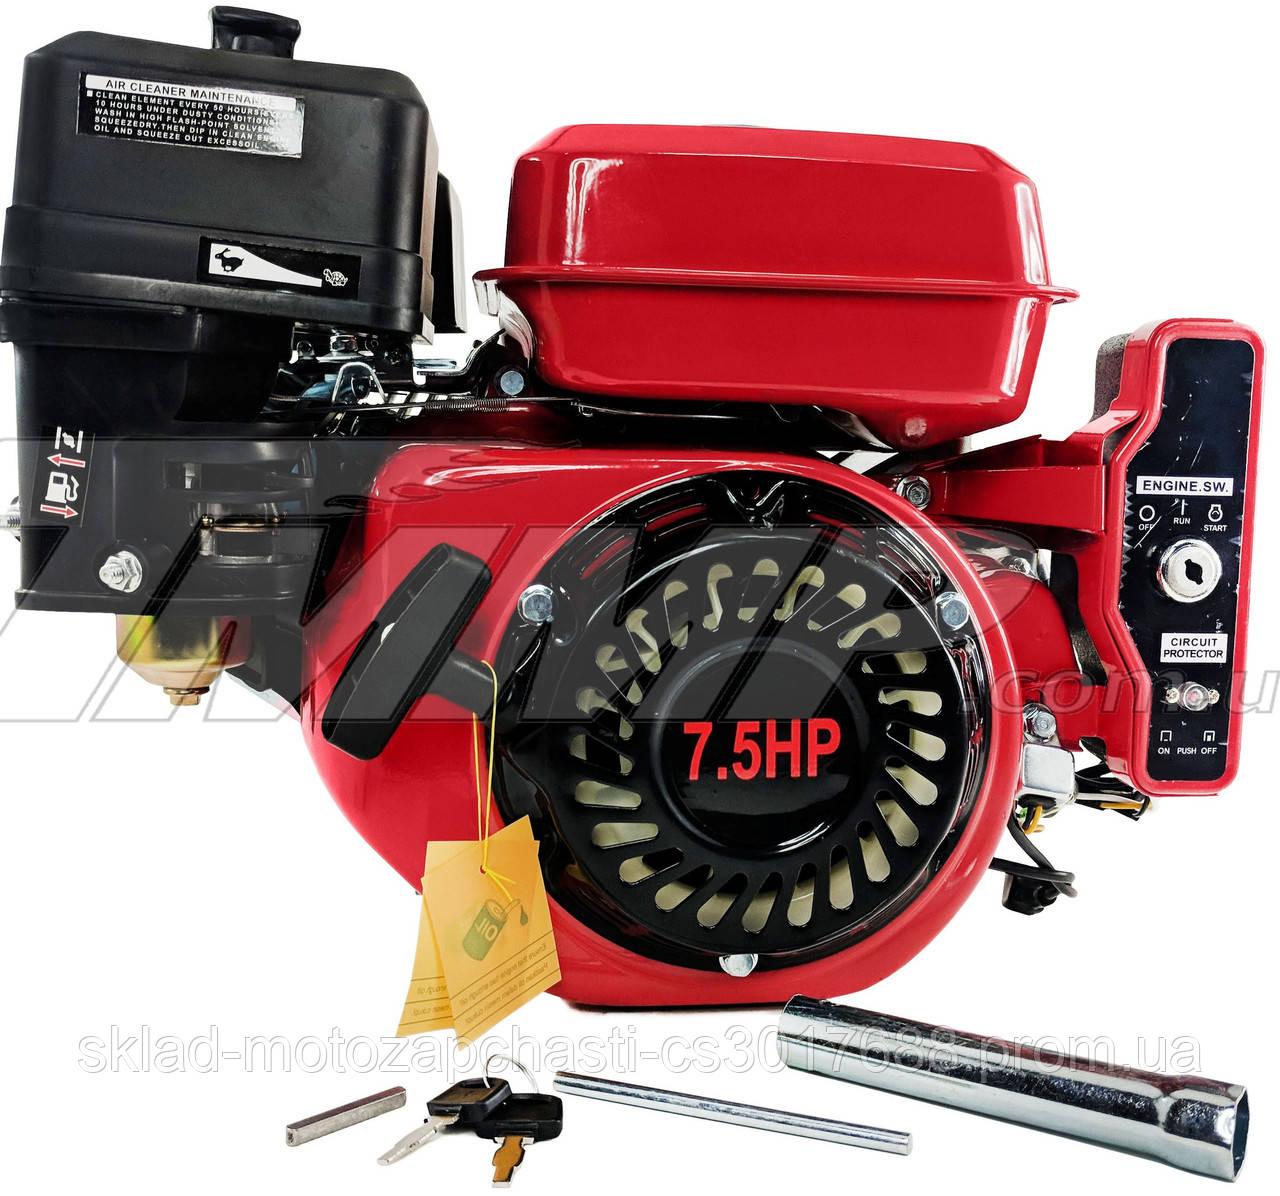 Двигун мотоблока 170F d=20mm під шпонку зі стартером (7,5 HP, датчик масла , паперовий фільтр)